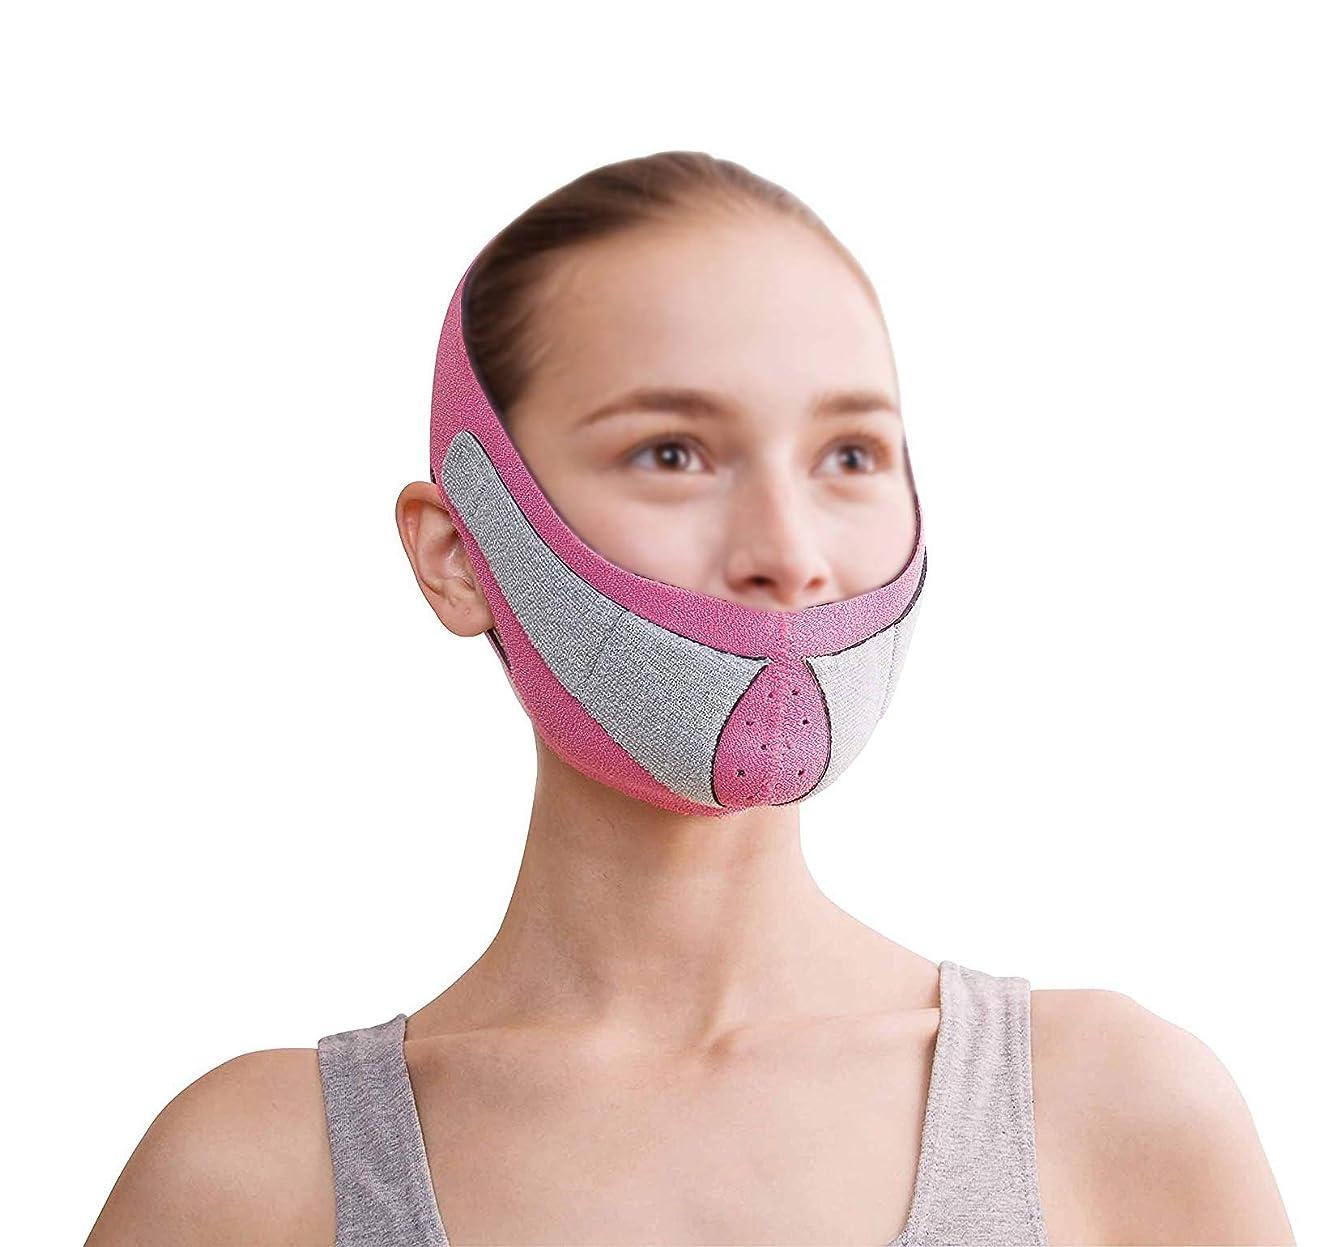 逃げる恥ずかしさGLJJQMY 薄い顔のマスクのマスクと垂れ下がり防止の薄い顔のマスク薄い顔のマスクのアーティファクトの美しさの首ネックストラップを引き締め 顔用整形マスク